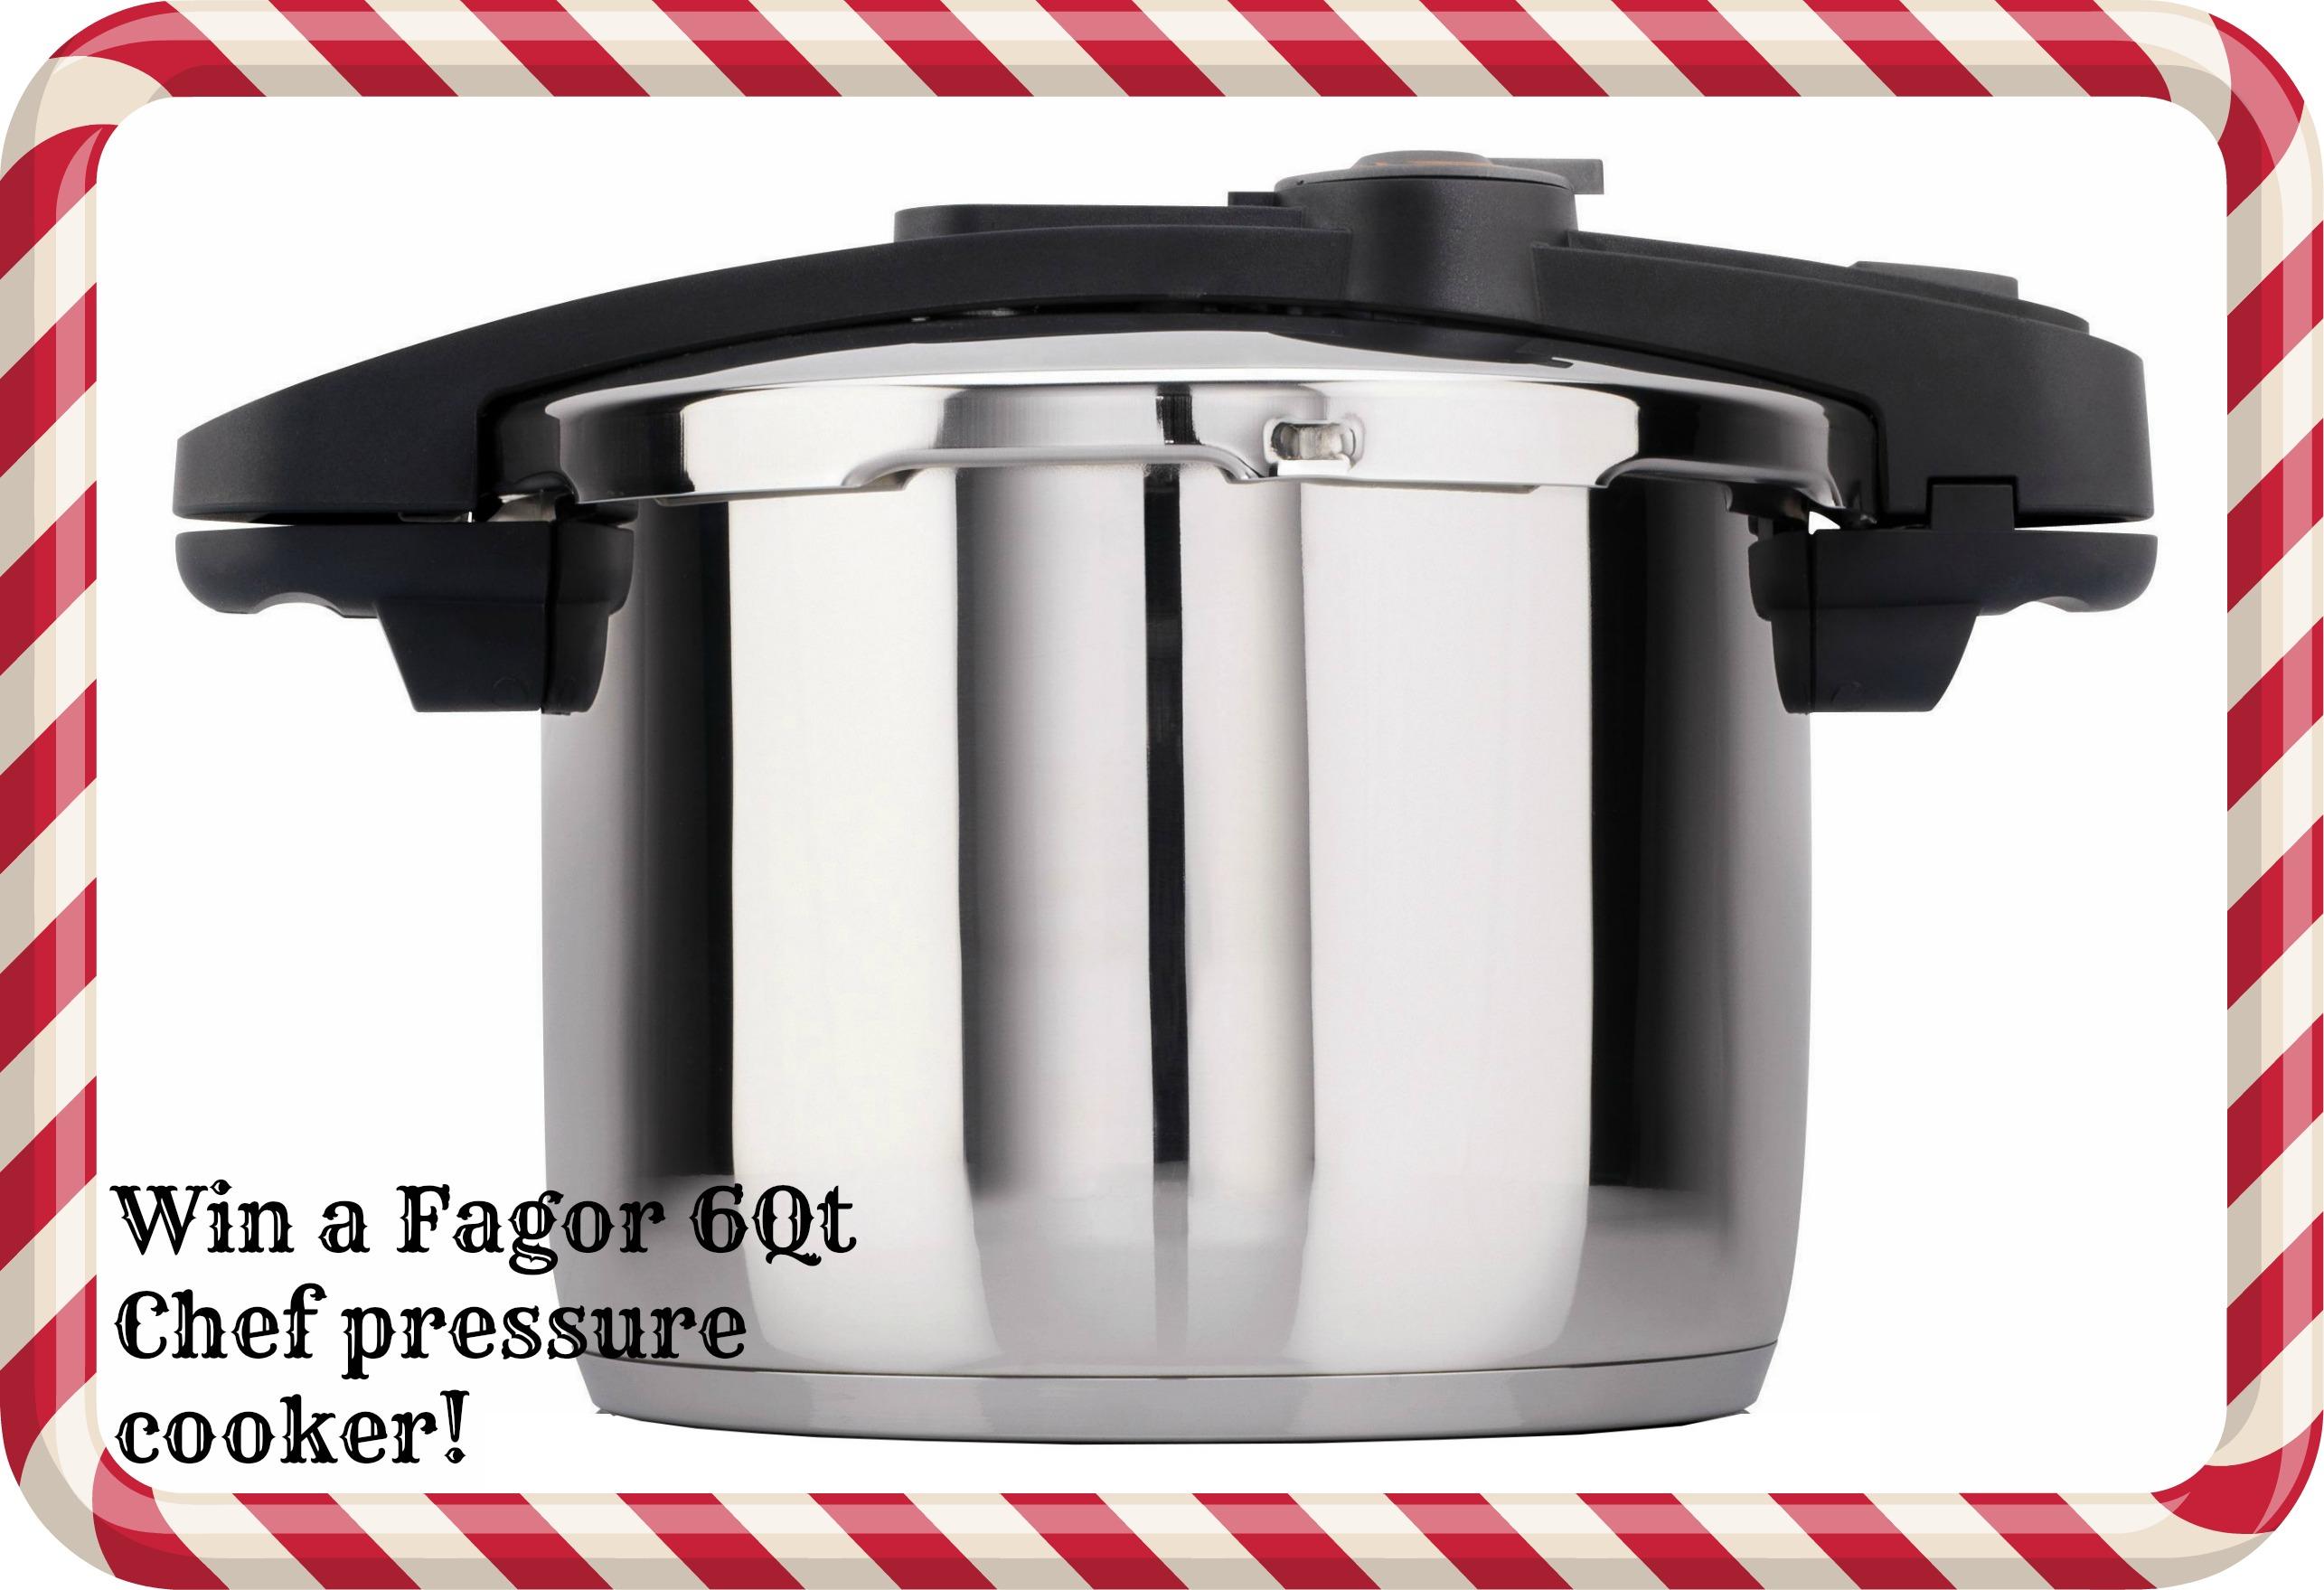 Fagor 6Qt. Chef Pressure cooker 12/20/14